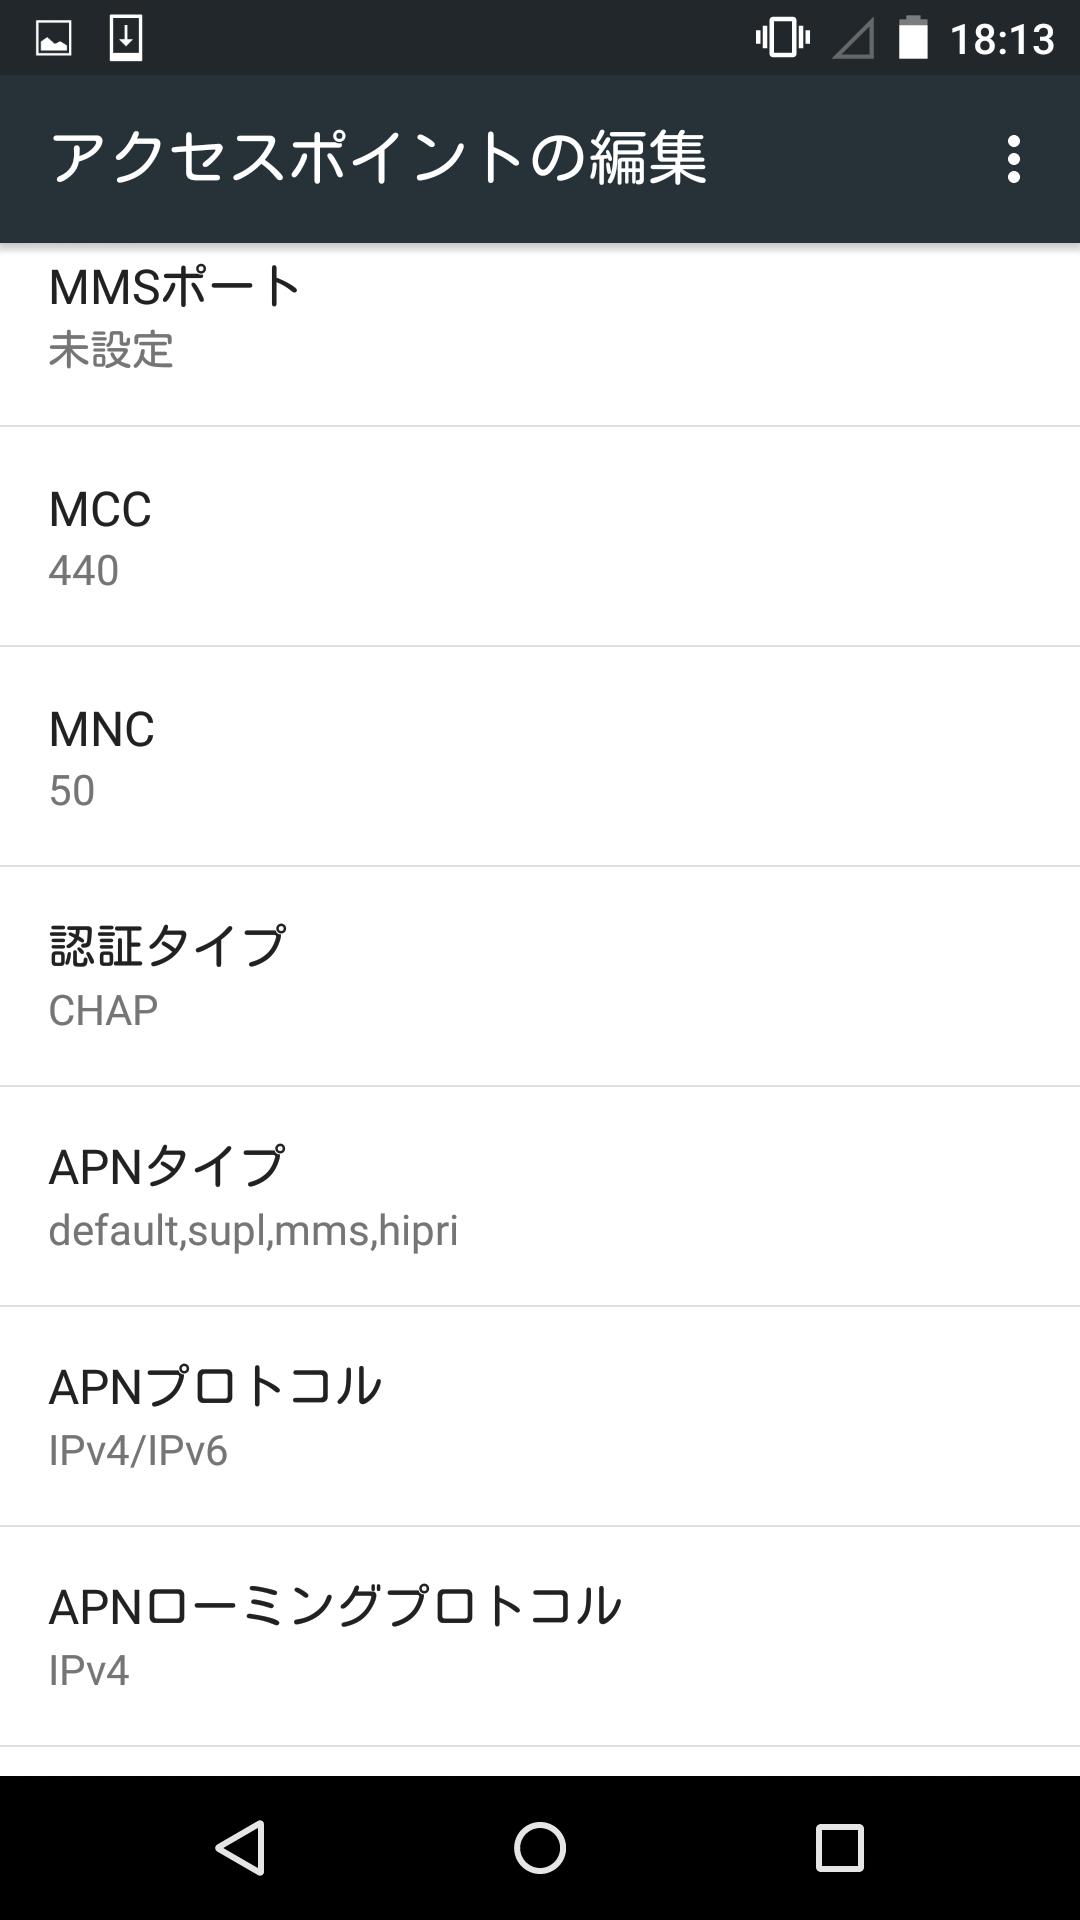 Screenshot_2015-11-02-18-13-49.jpg